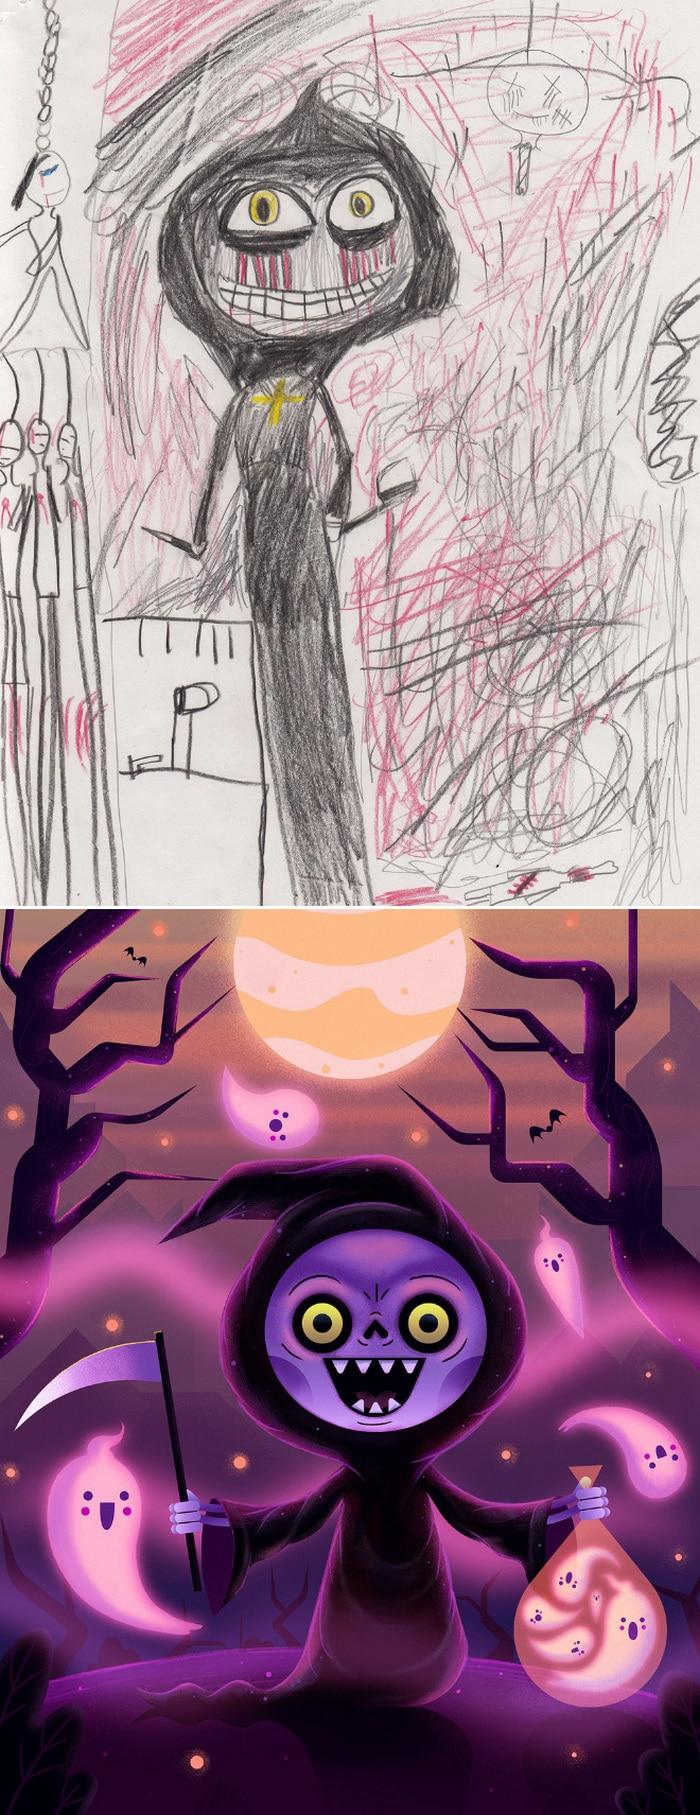 Projeto Monstro - Crianças desenham monstros e artistas recriam com sua arte 22